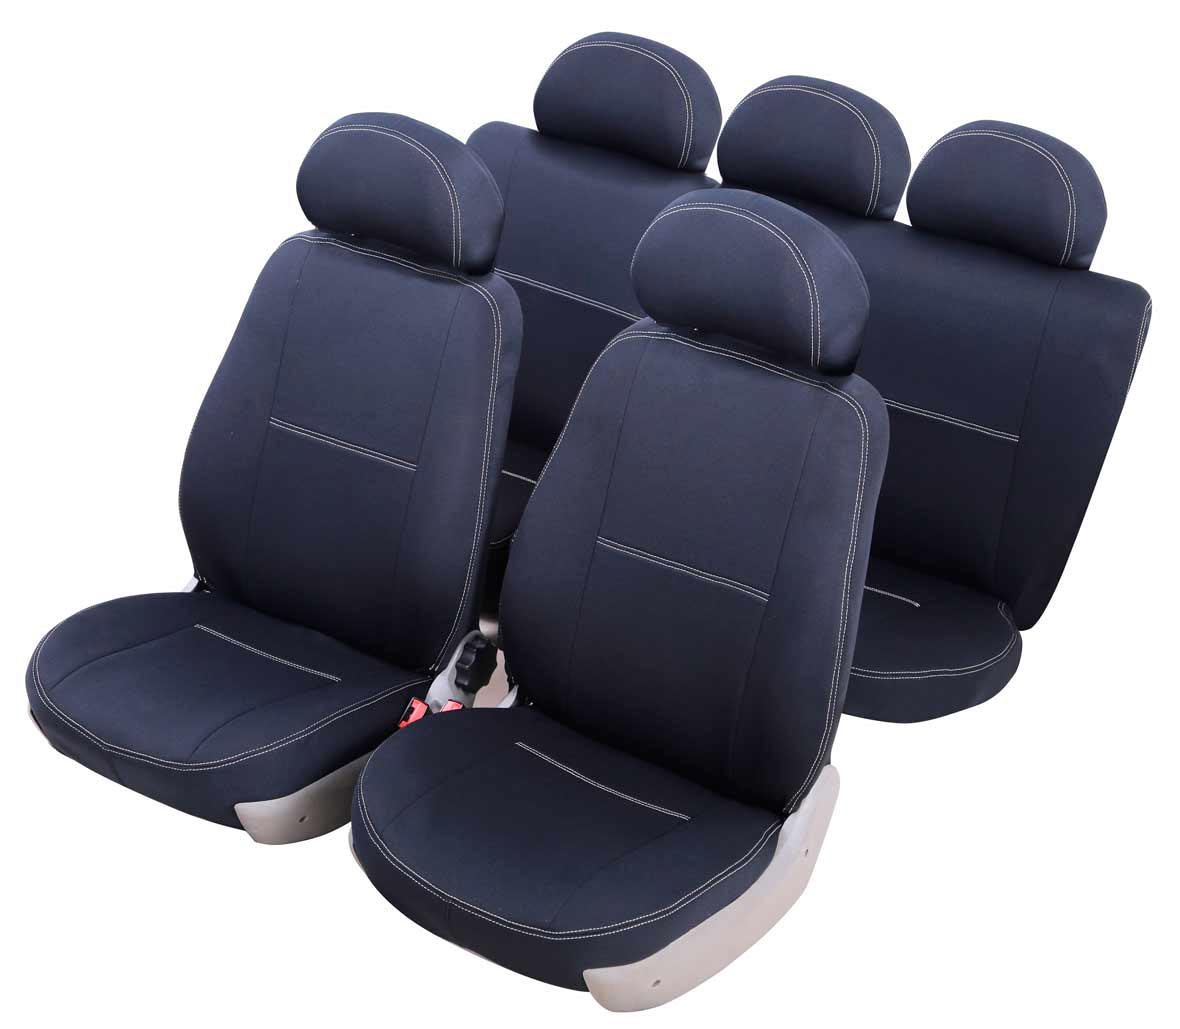 Чехлы на автокресло Azard Standard, для Lada 1118 Kalina (2004-2011 гг), седан, цвет: черный2706 (ПО)Модельные чехлы из полиэстера Azard Standard. Разработаны в РФ индивидуально для каждого автомобиля.Чехлы Azard Standard серийно выпускаются на собственном швейном производстве в России.Чехлы идеально повторяют штатную форму сидений и выглядят как оригинальная обивка сидений. Для простоты установки используется липучка Velcro, учтены все технологические отверстия.Чехлы сохраняют полную функциональность салона - трансформация сидений, возможность установки детских кресел ISOFIX, не препятствуют работе подушек безопасности AIRBAG и подогрева сидений.Дизайн чехлов Azard Standard приближен к оригинальной обивке салона. Декоративная контрастная прострочка по периметру авточехлов придает стильный и изысканный внешний вид интерьеру автомобиля.Чехлы Azard Standard изготовлены из полиэстера, триплированного огнеупорным поролоном толщиной 3 мм, за счет чего чехол приобретает дополнительную мягкость. Подложка из спандбонда сохраняет свойства поролона и предотвращает его разрушение.Авточехлы Azard Standard просты в уходе - загрязнения легко удаляются влажной тканью.